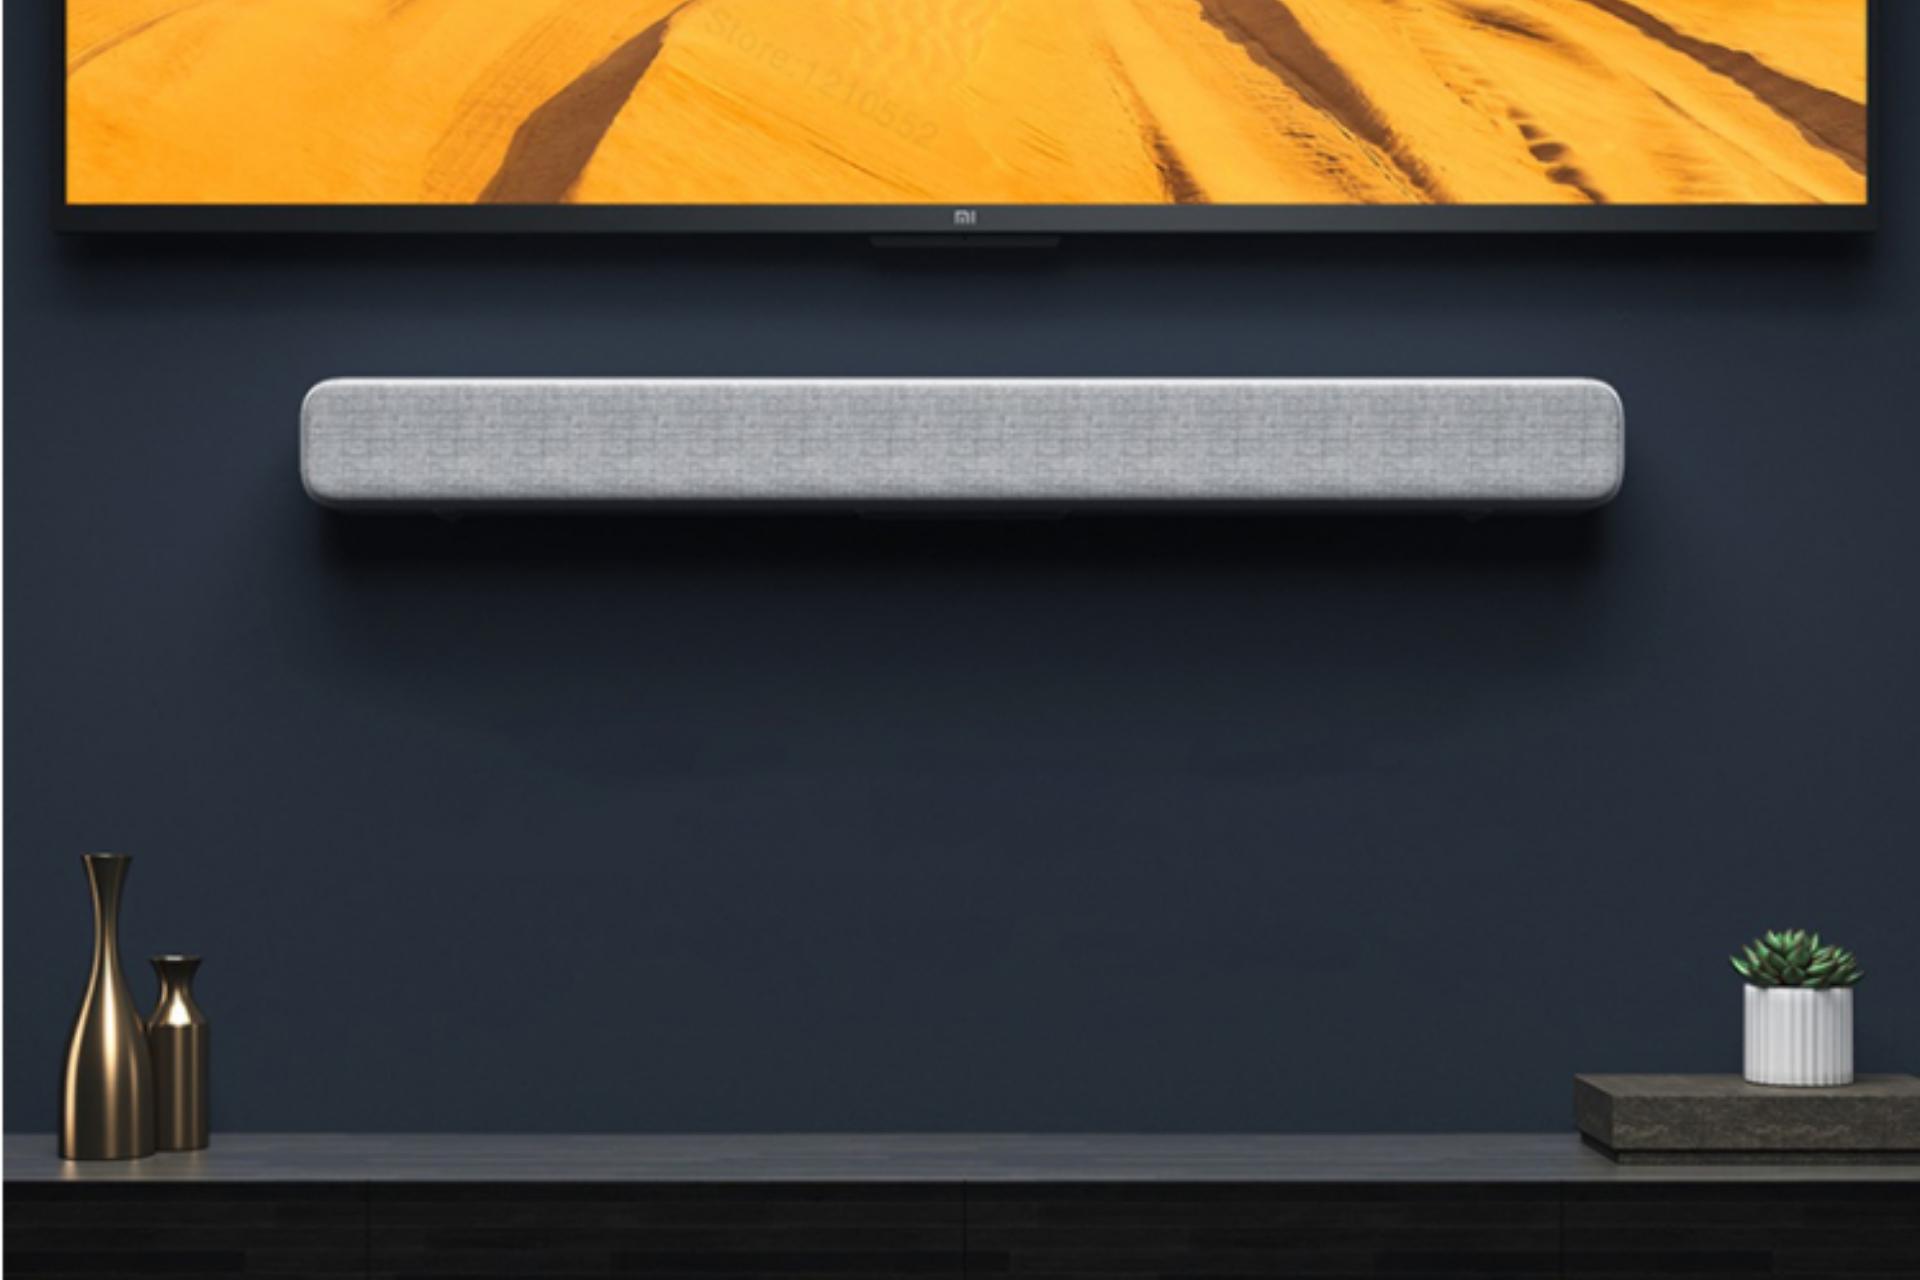 Barre de son Xiaomi